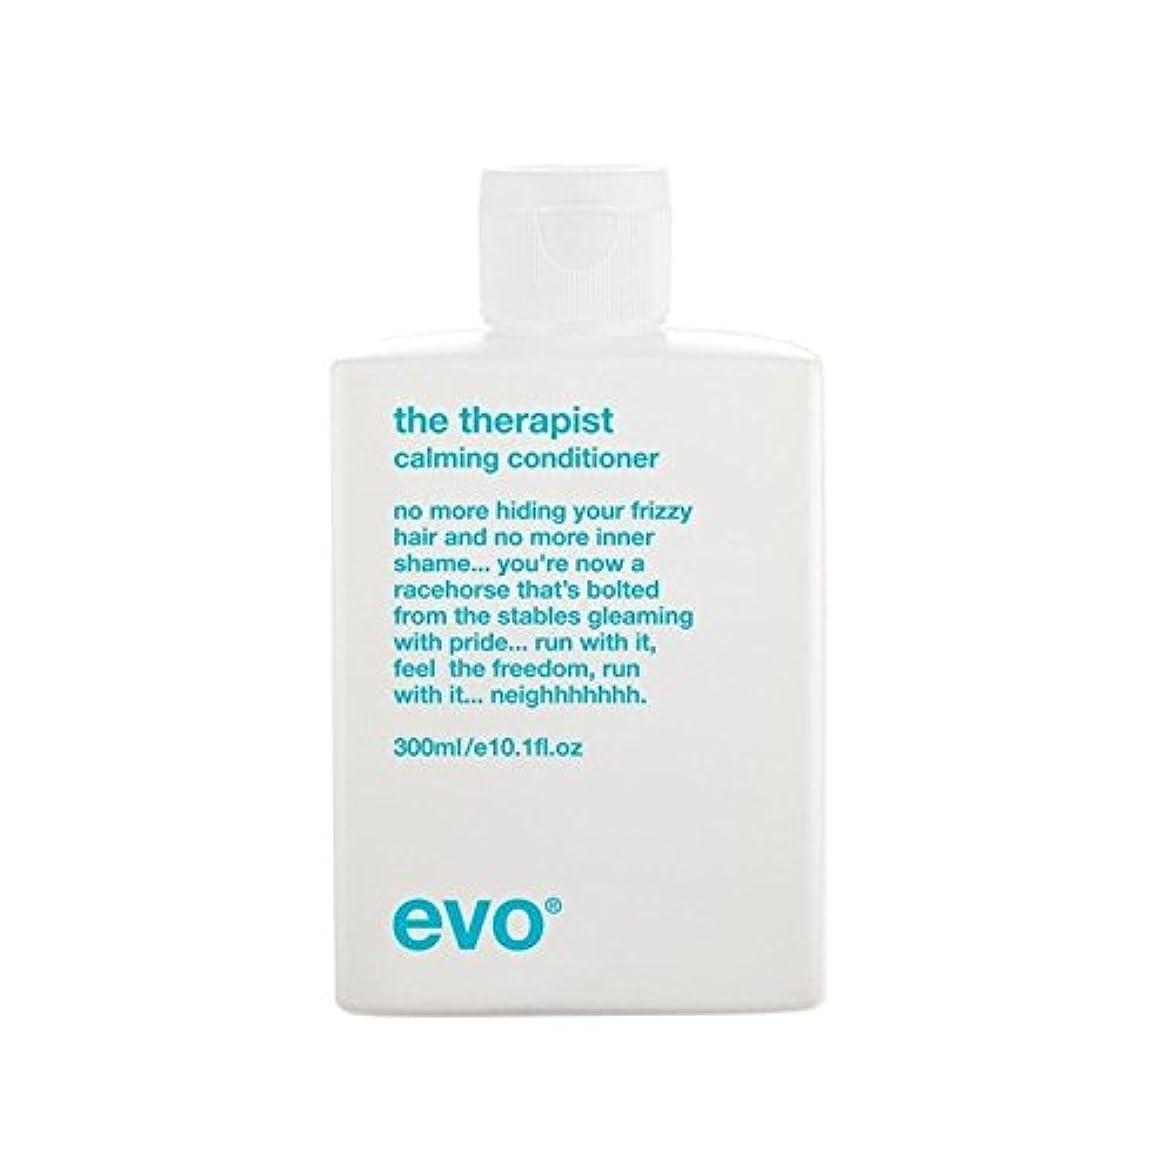 先駆者側荒れ地セラピスト沈静コンディショナー(300ミリリットル) x4 - Evo The Therapist Calming Conditioner (300ml) (Pack of 4) [並行輸入品]